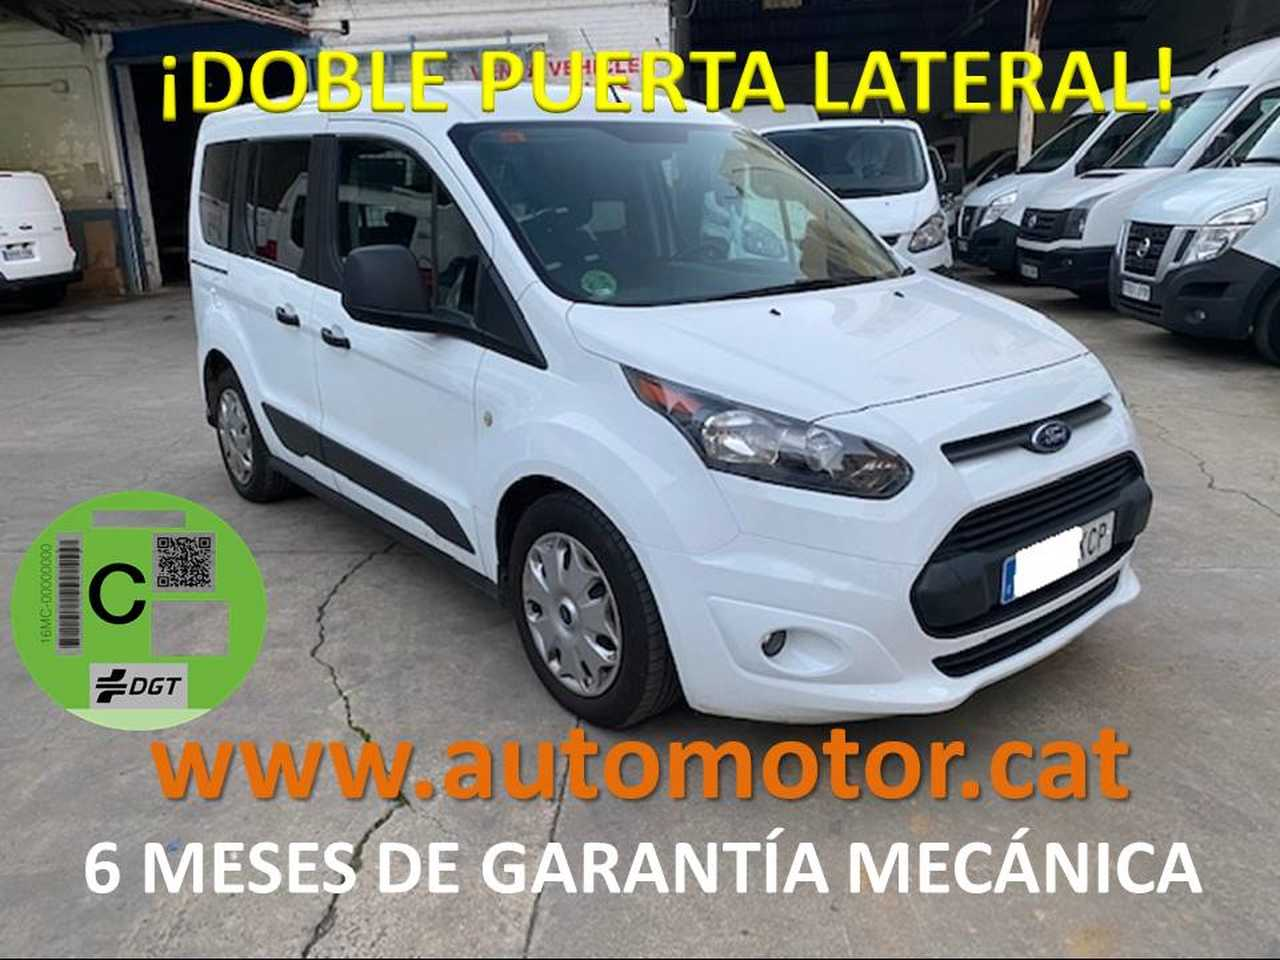 Ford Connect Kombi FT 220 Kombi B. Corta L1 Trend 100 - GARANTIA MECANICA  - Foto 1